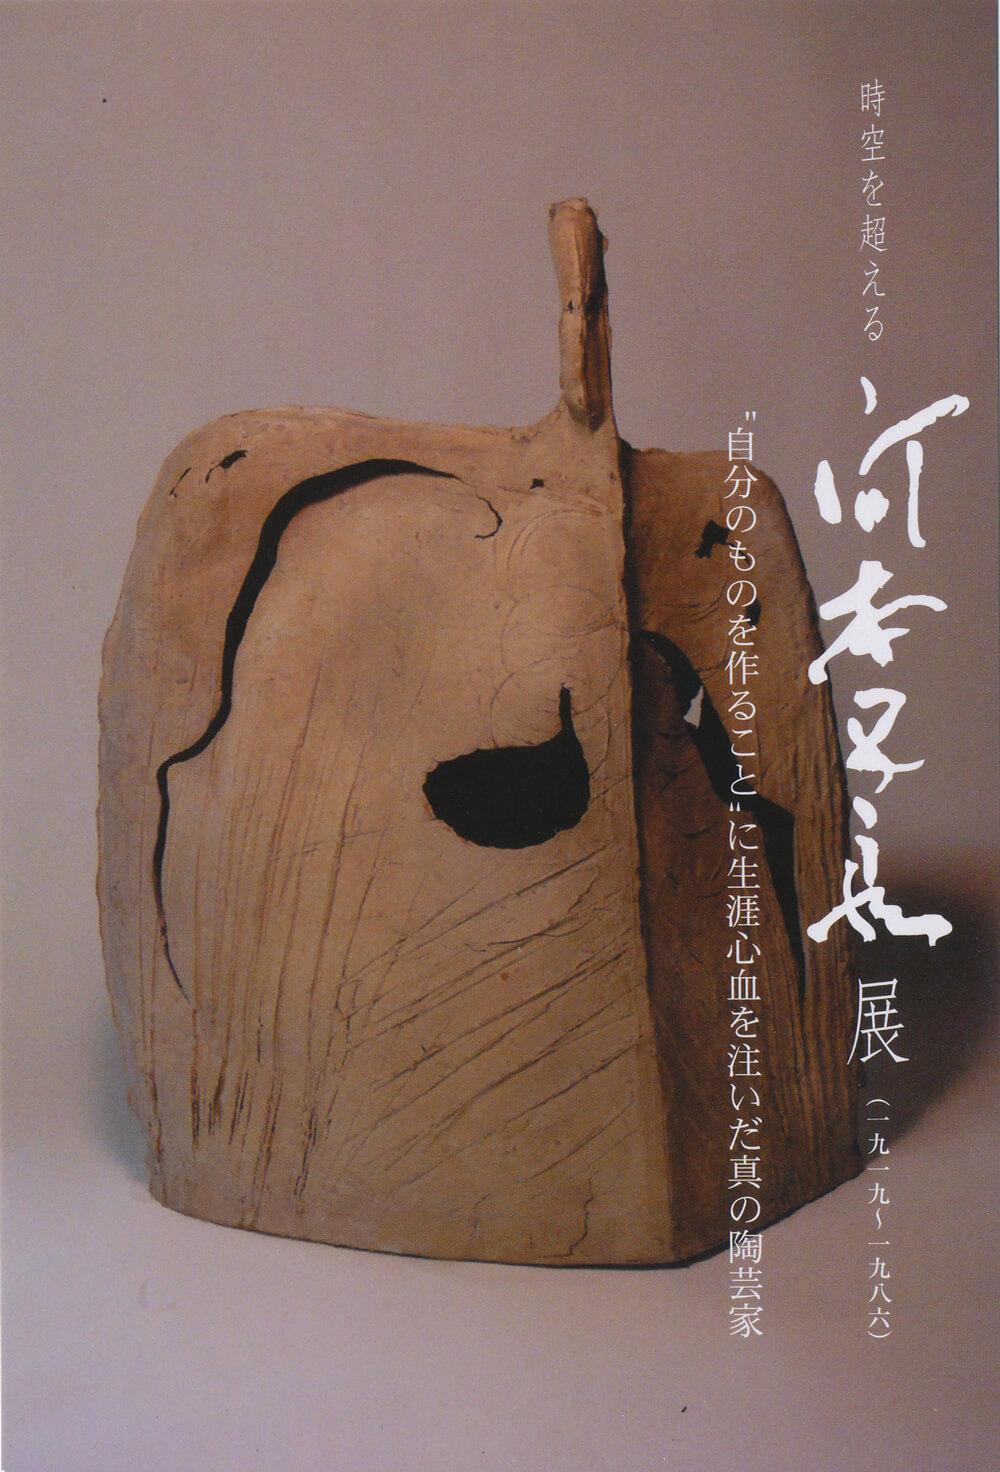 2009年5月19日から開催の「時空を超える 河本 五郎 展」のDM画像